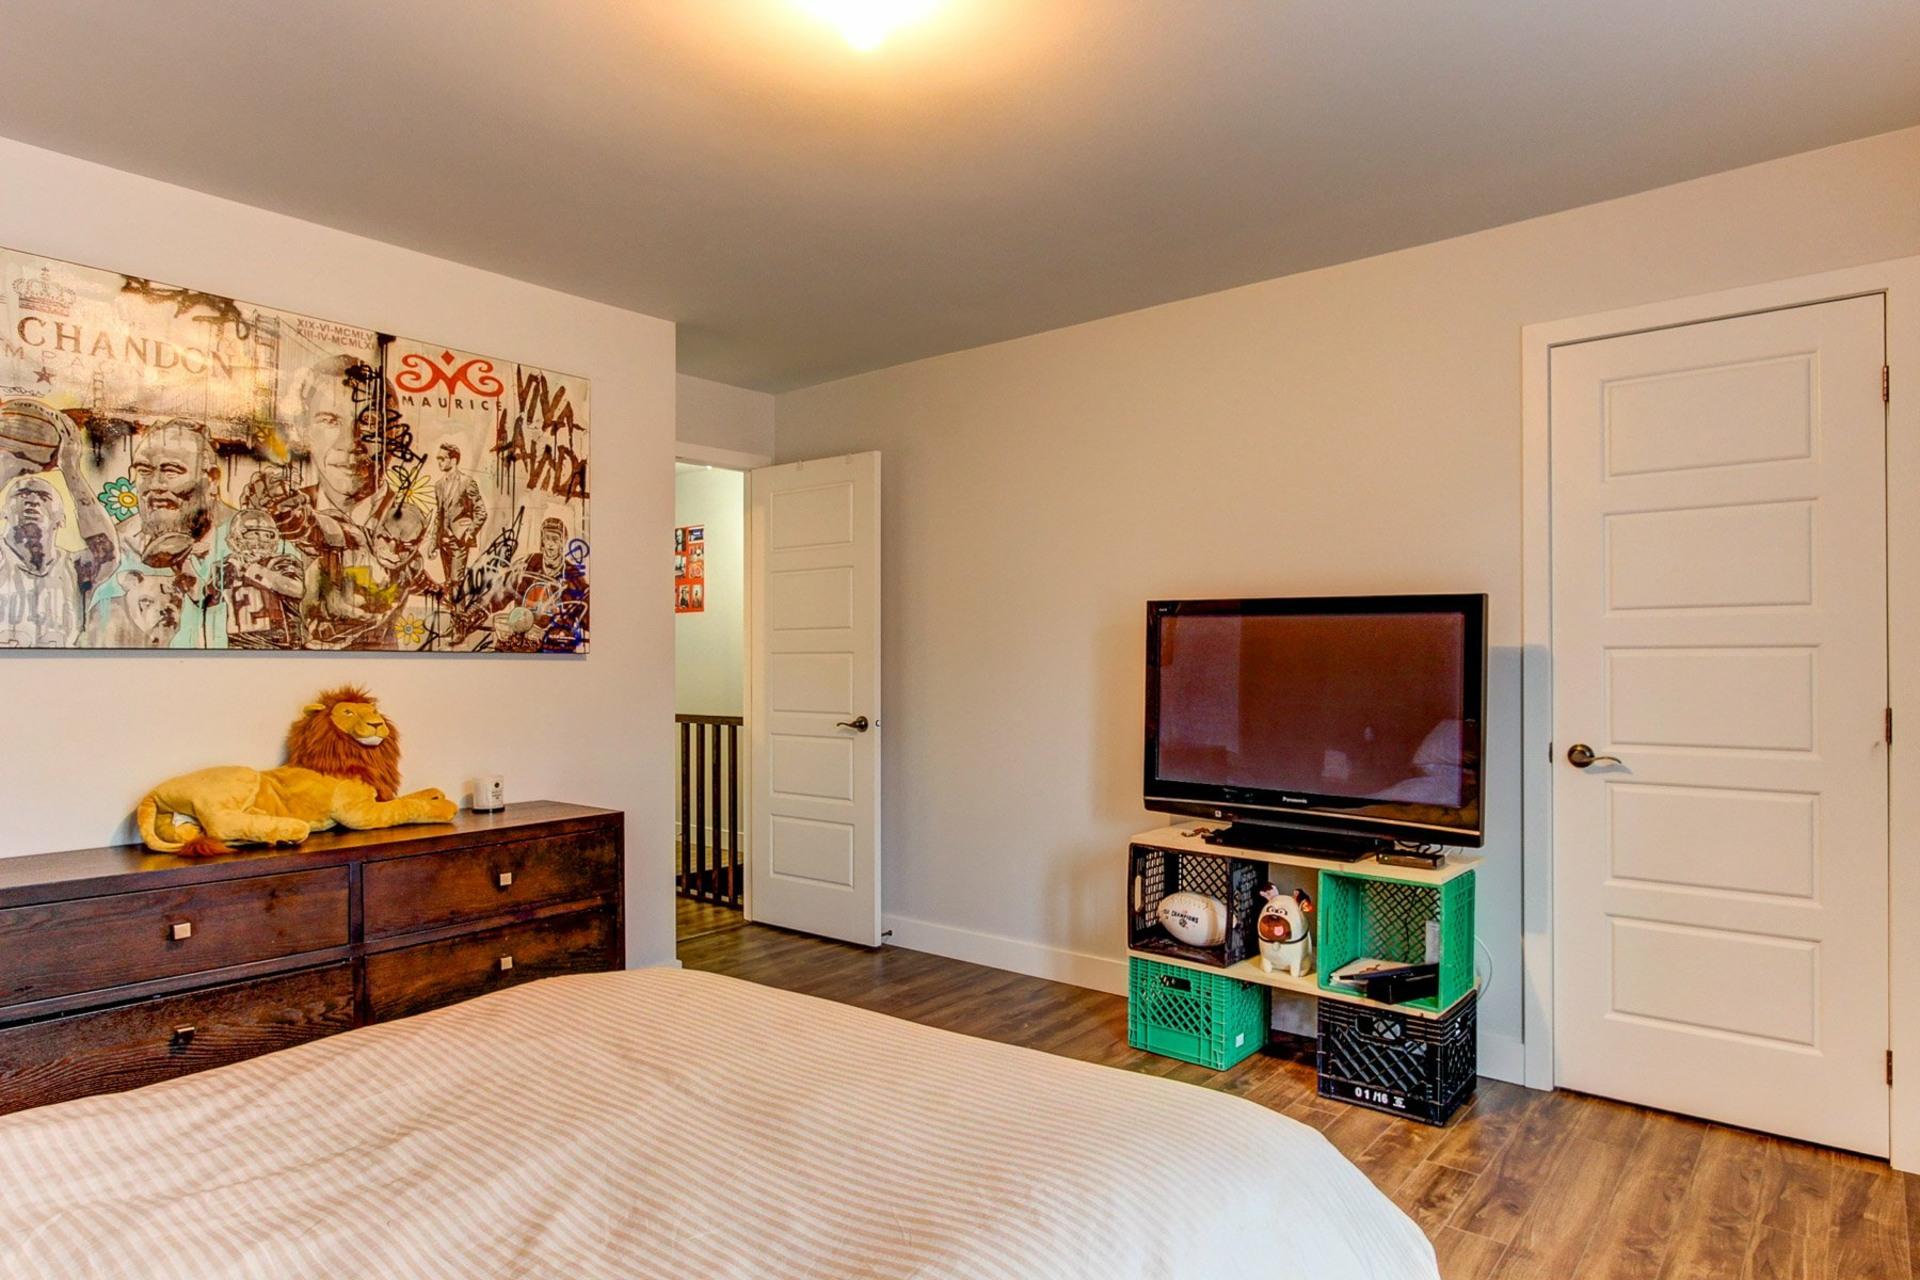 image 15 - Apartment For sale Trois-Rivières - 7 rooms